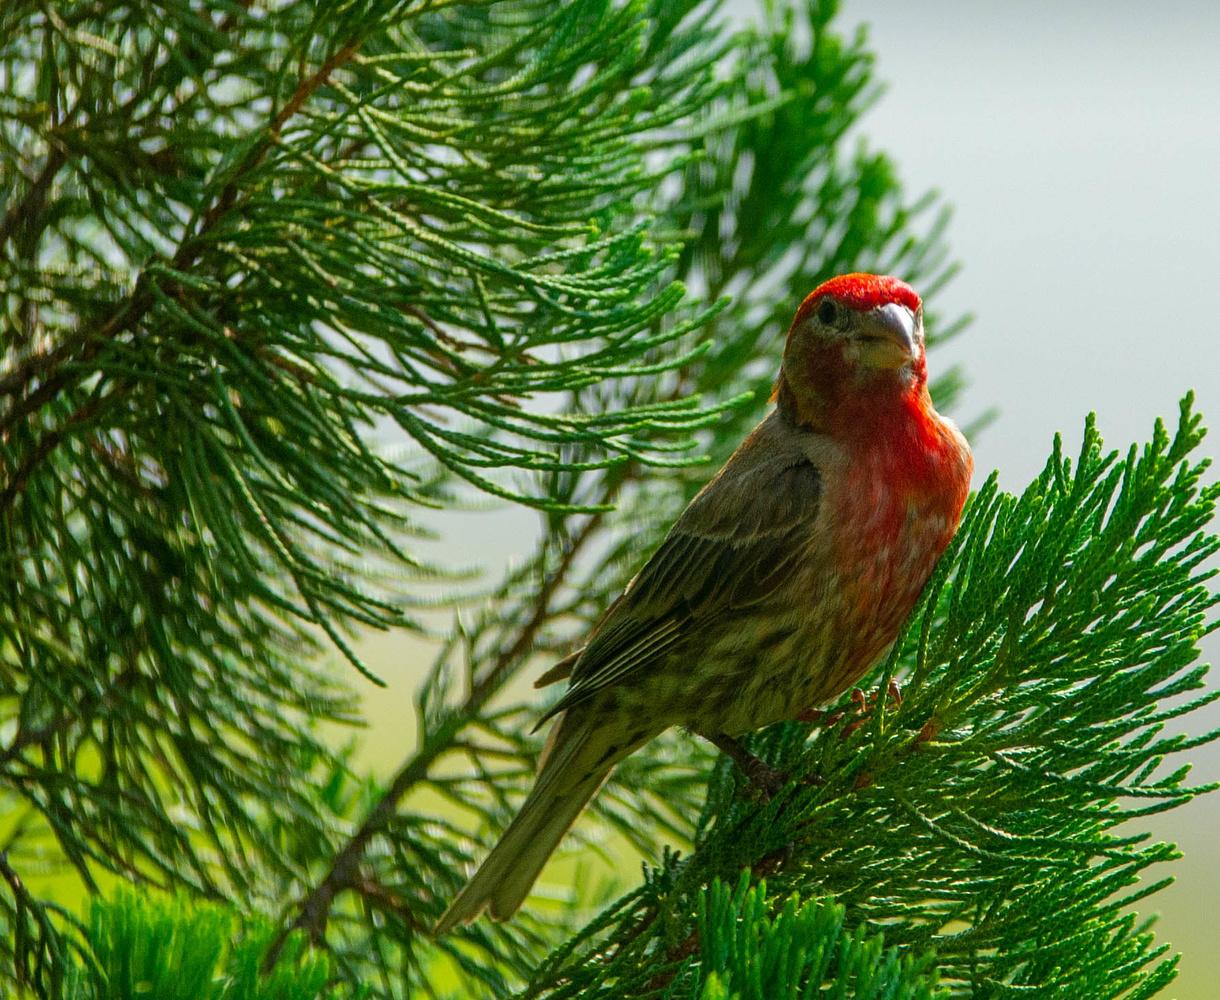 Red bird, green tree by John Mullens